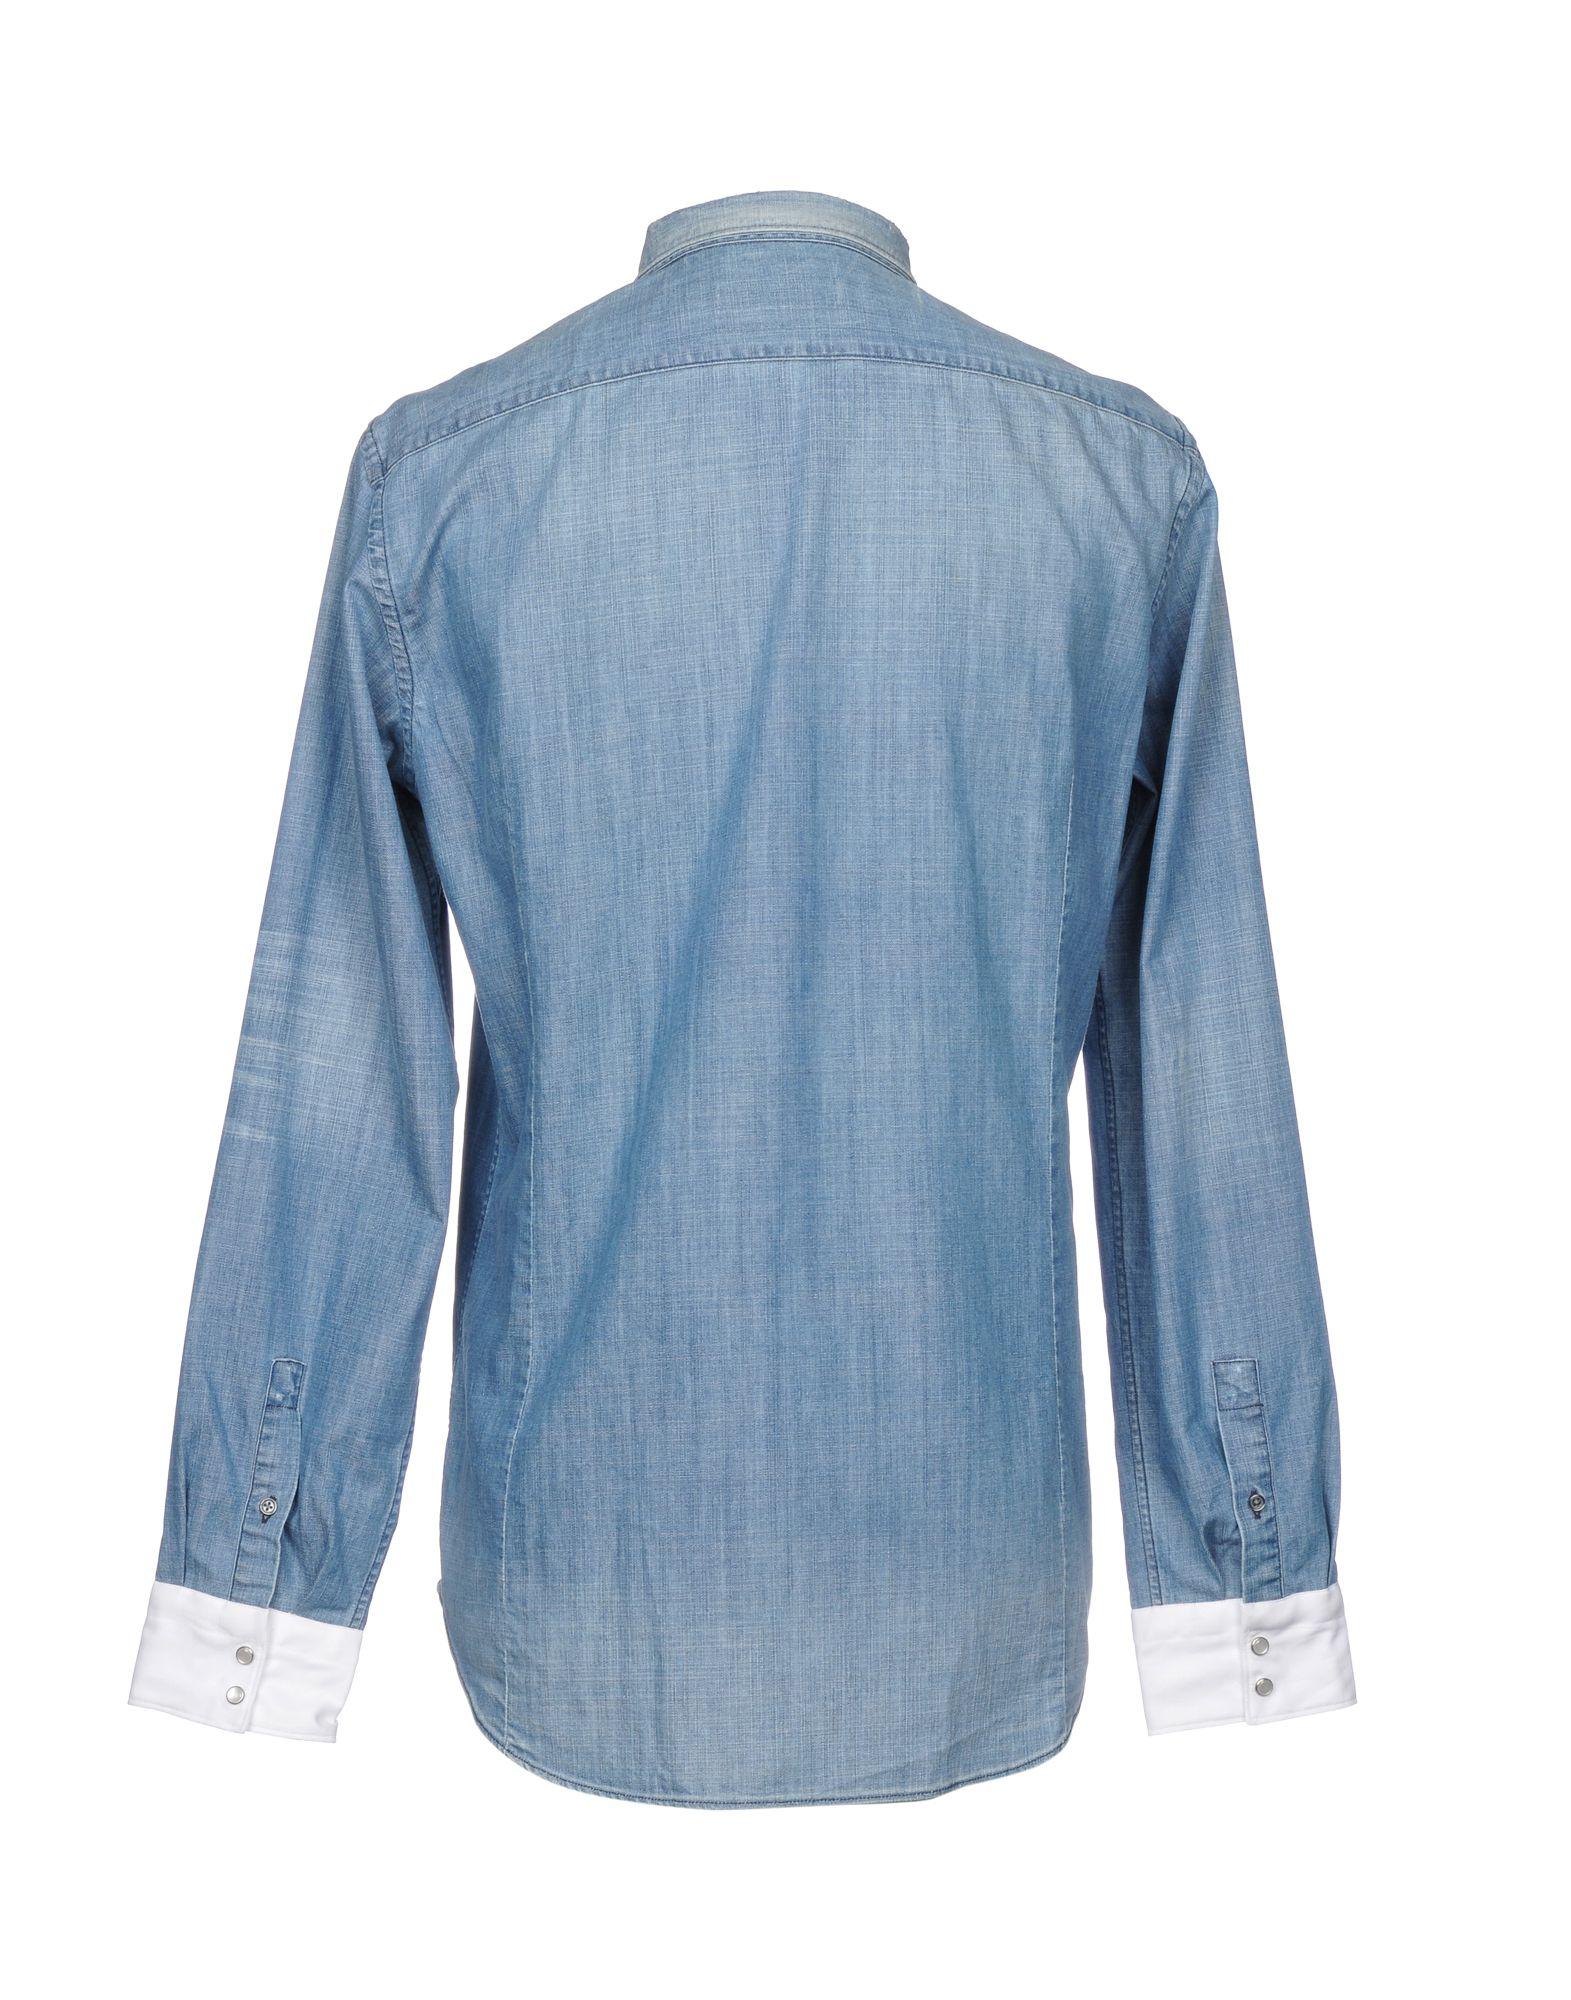 Camicia Jeans Mauro Grifoni - Uomo - Grifoni 38750595RA 755615